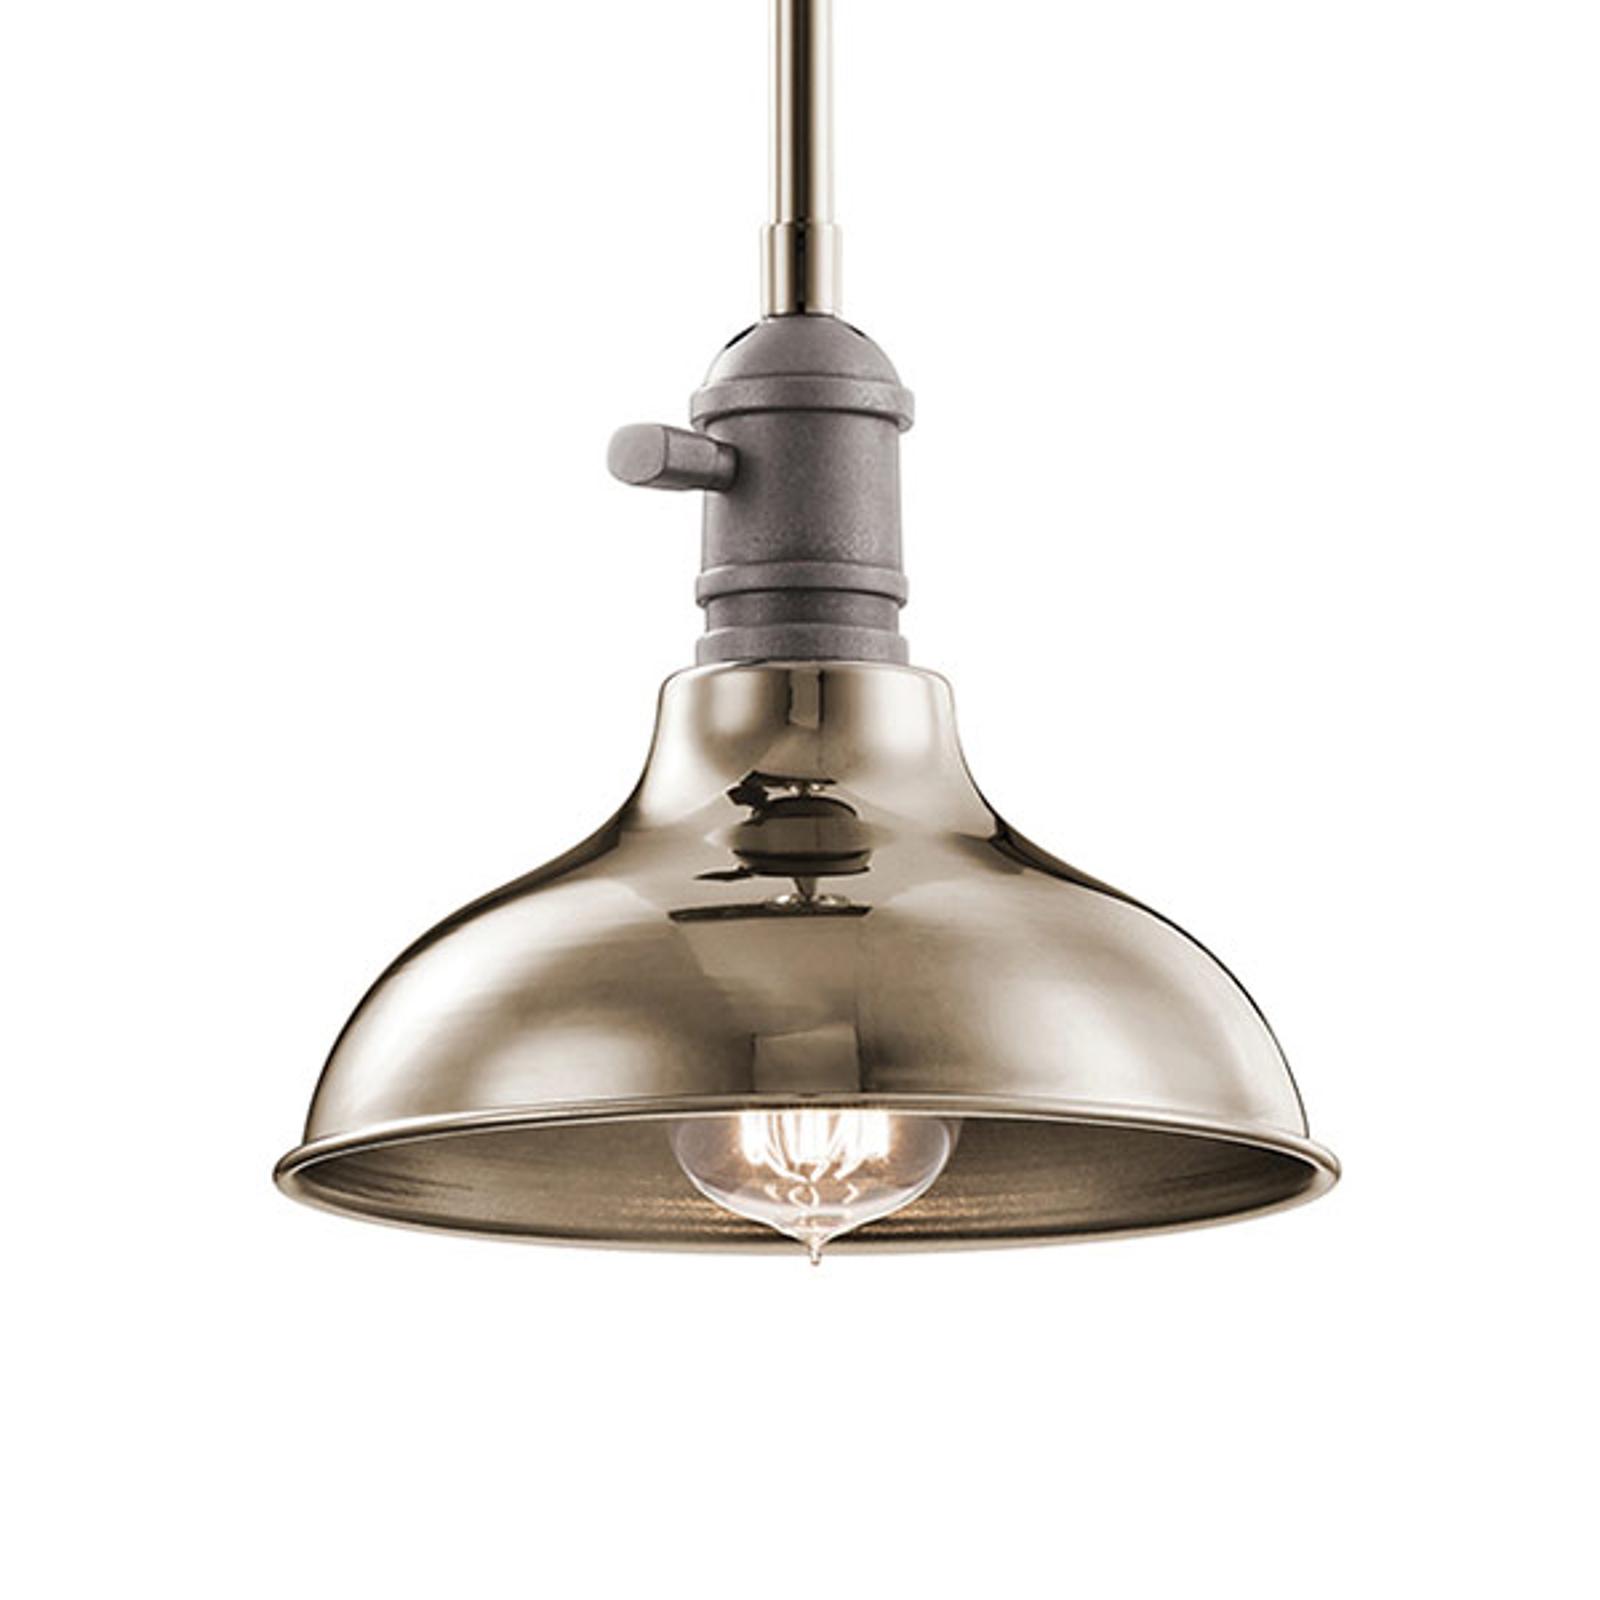 Lampa wisząca Cobson Ø 20,3 cm nikiel polerowany